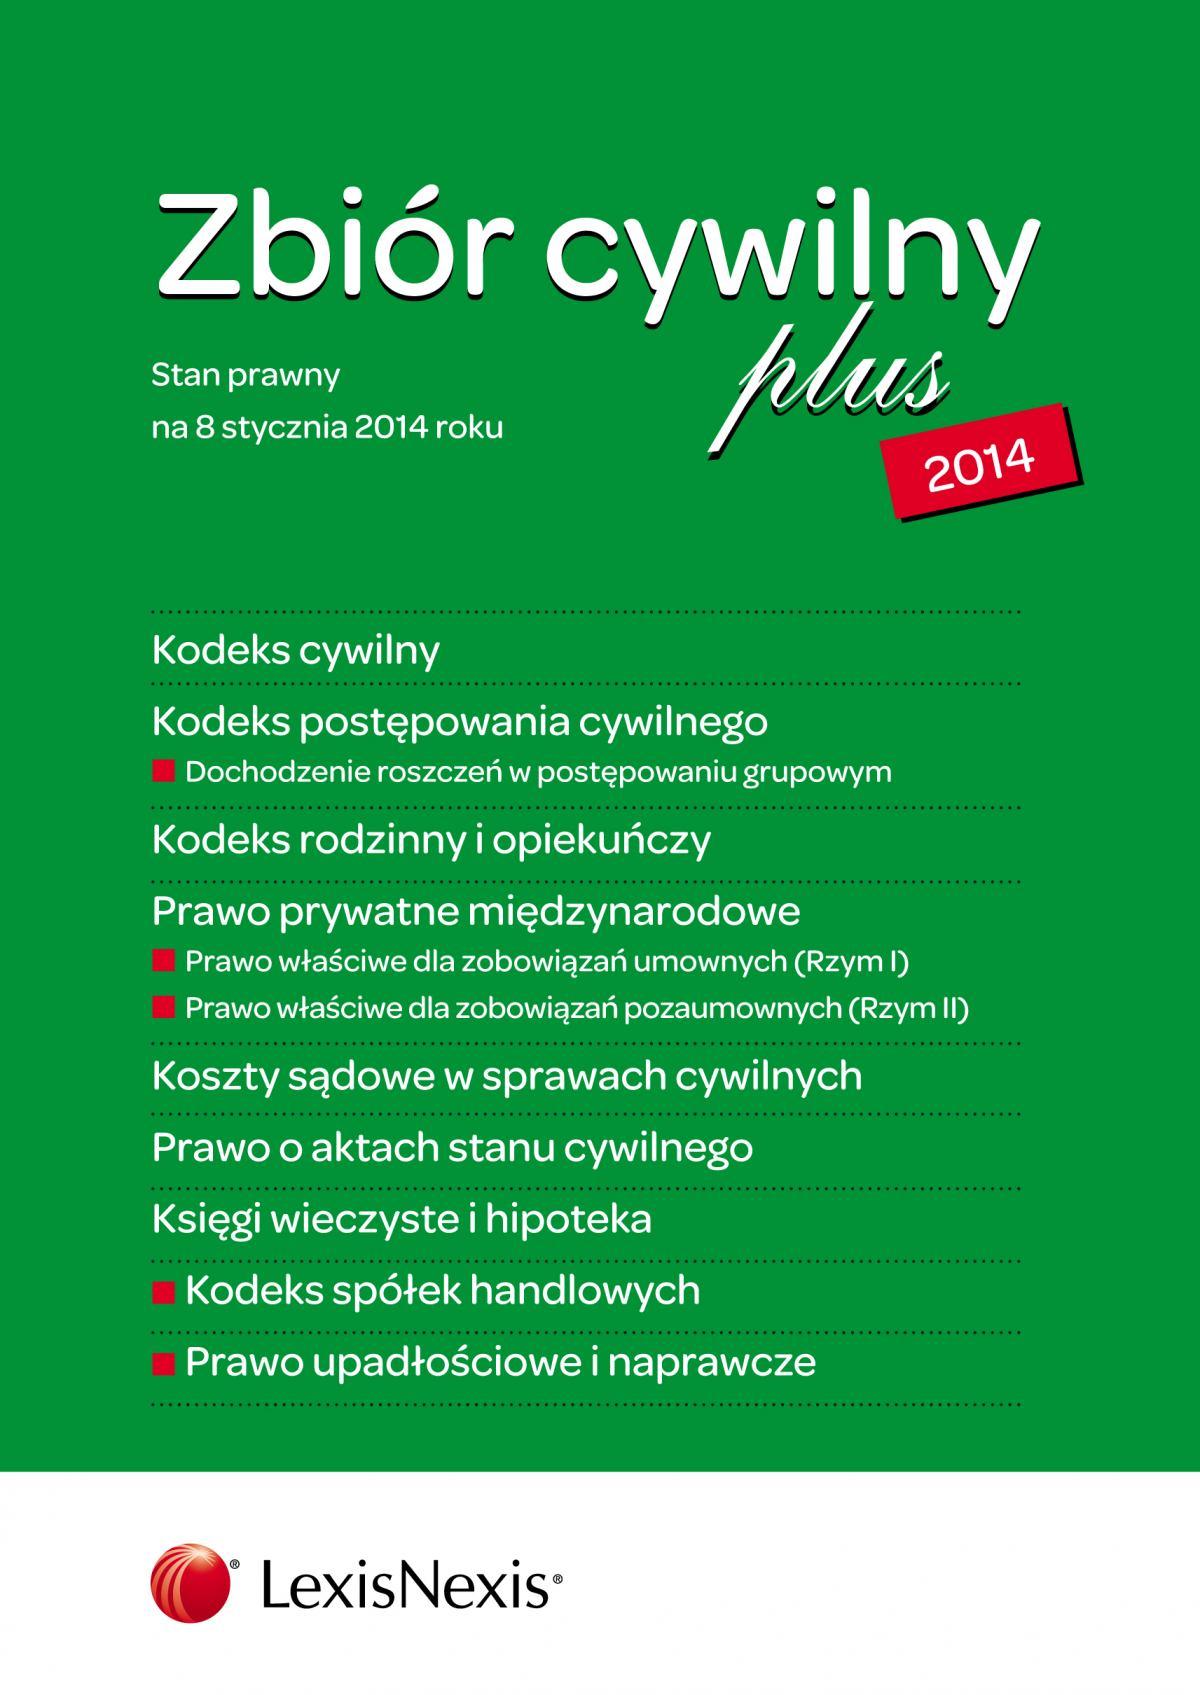 Zbiór cywilny PLUS 2014. Wydanie 1 - Ebook (Książka EPUB) do pobrania w formacie EPUB